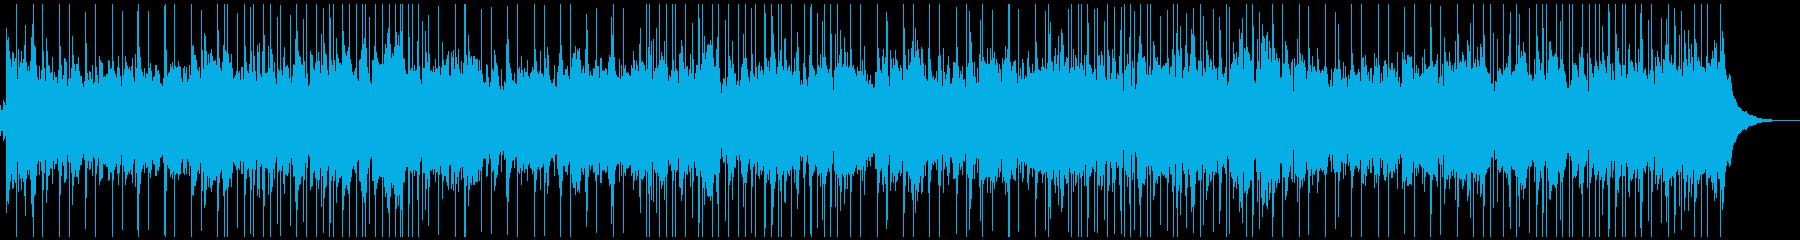 リラックスできるフォークバラードの再生済みの波形